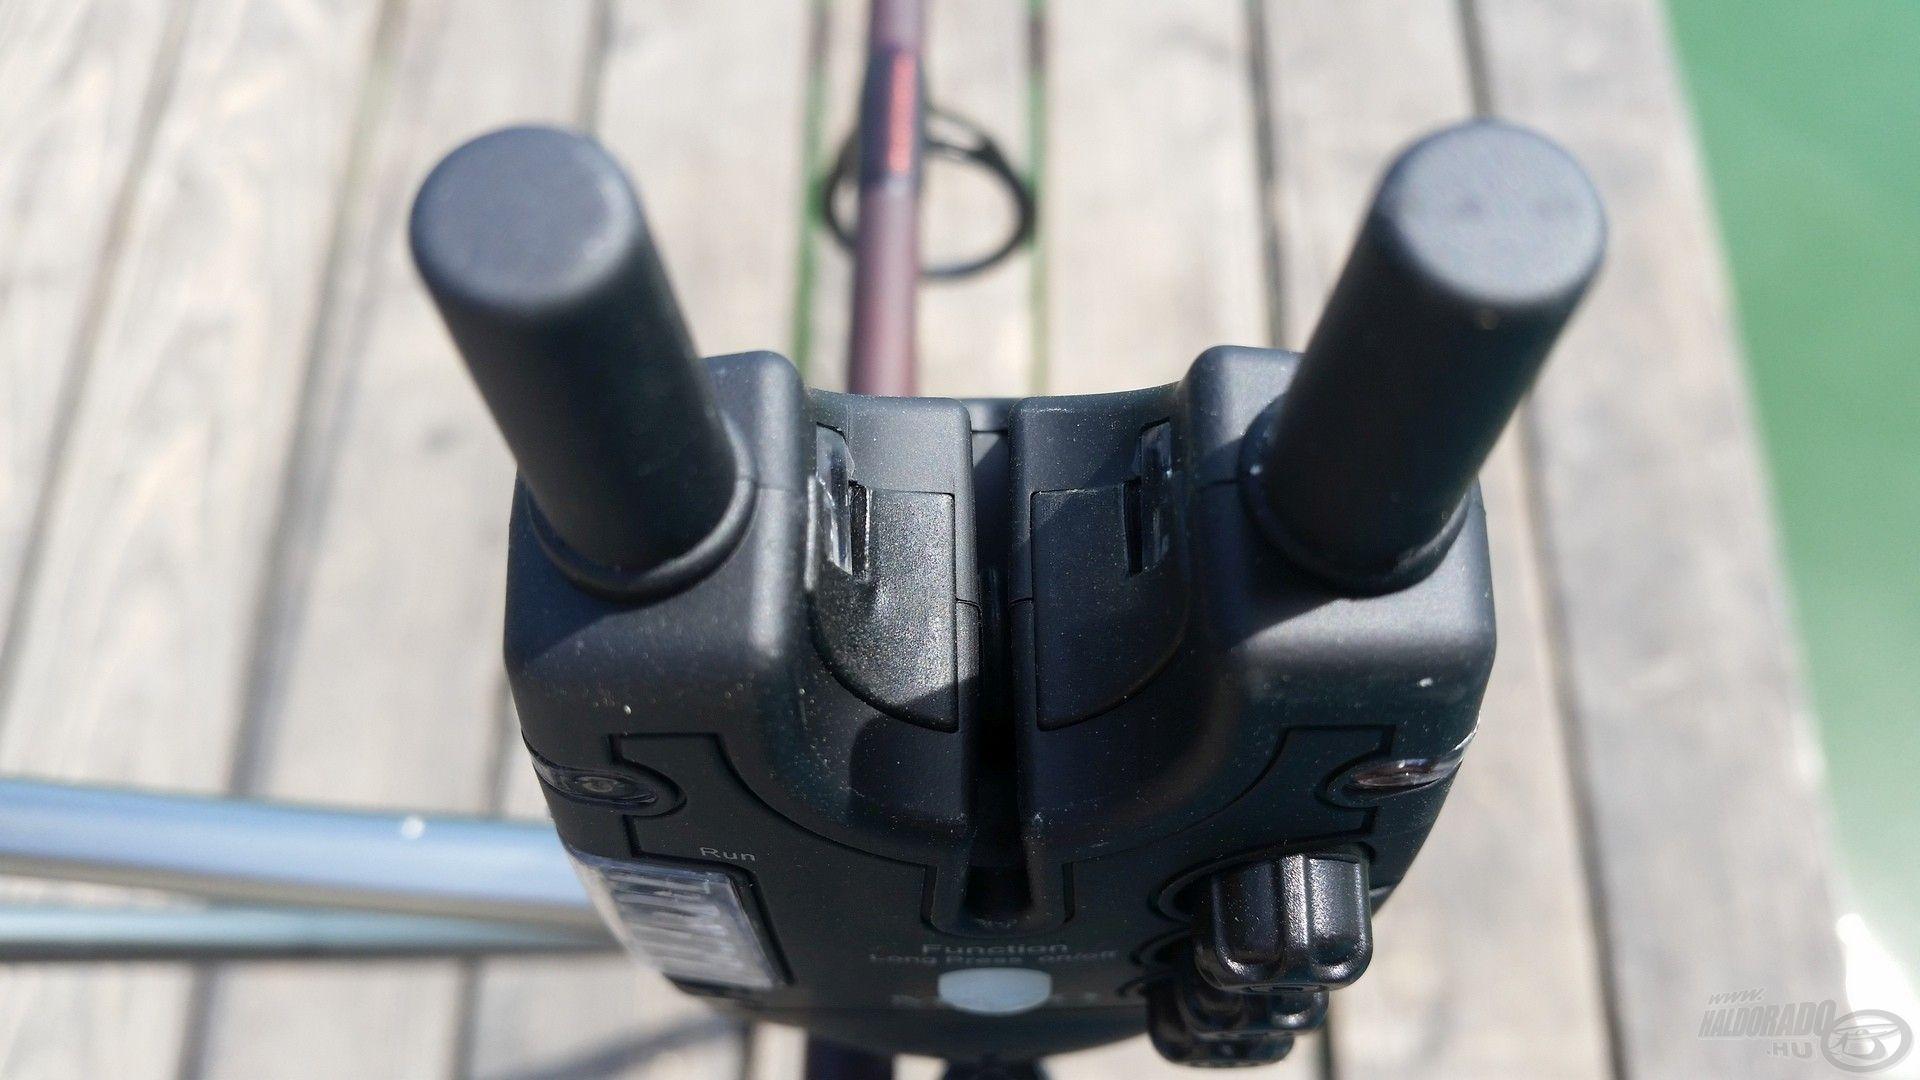 A jelzők felső része – ahol a bot is felfekszik – gumírozott, hogy nehezebben tudjon elcsúszni rajta a horgászbot